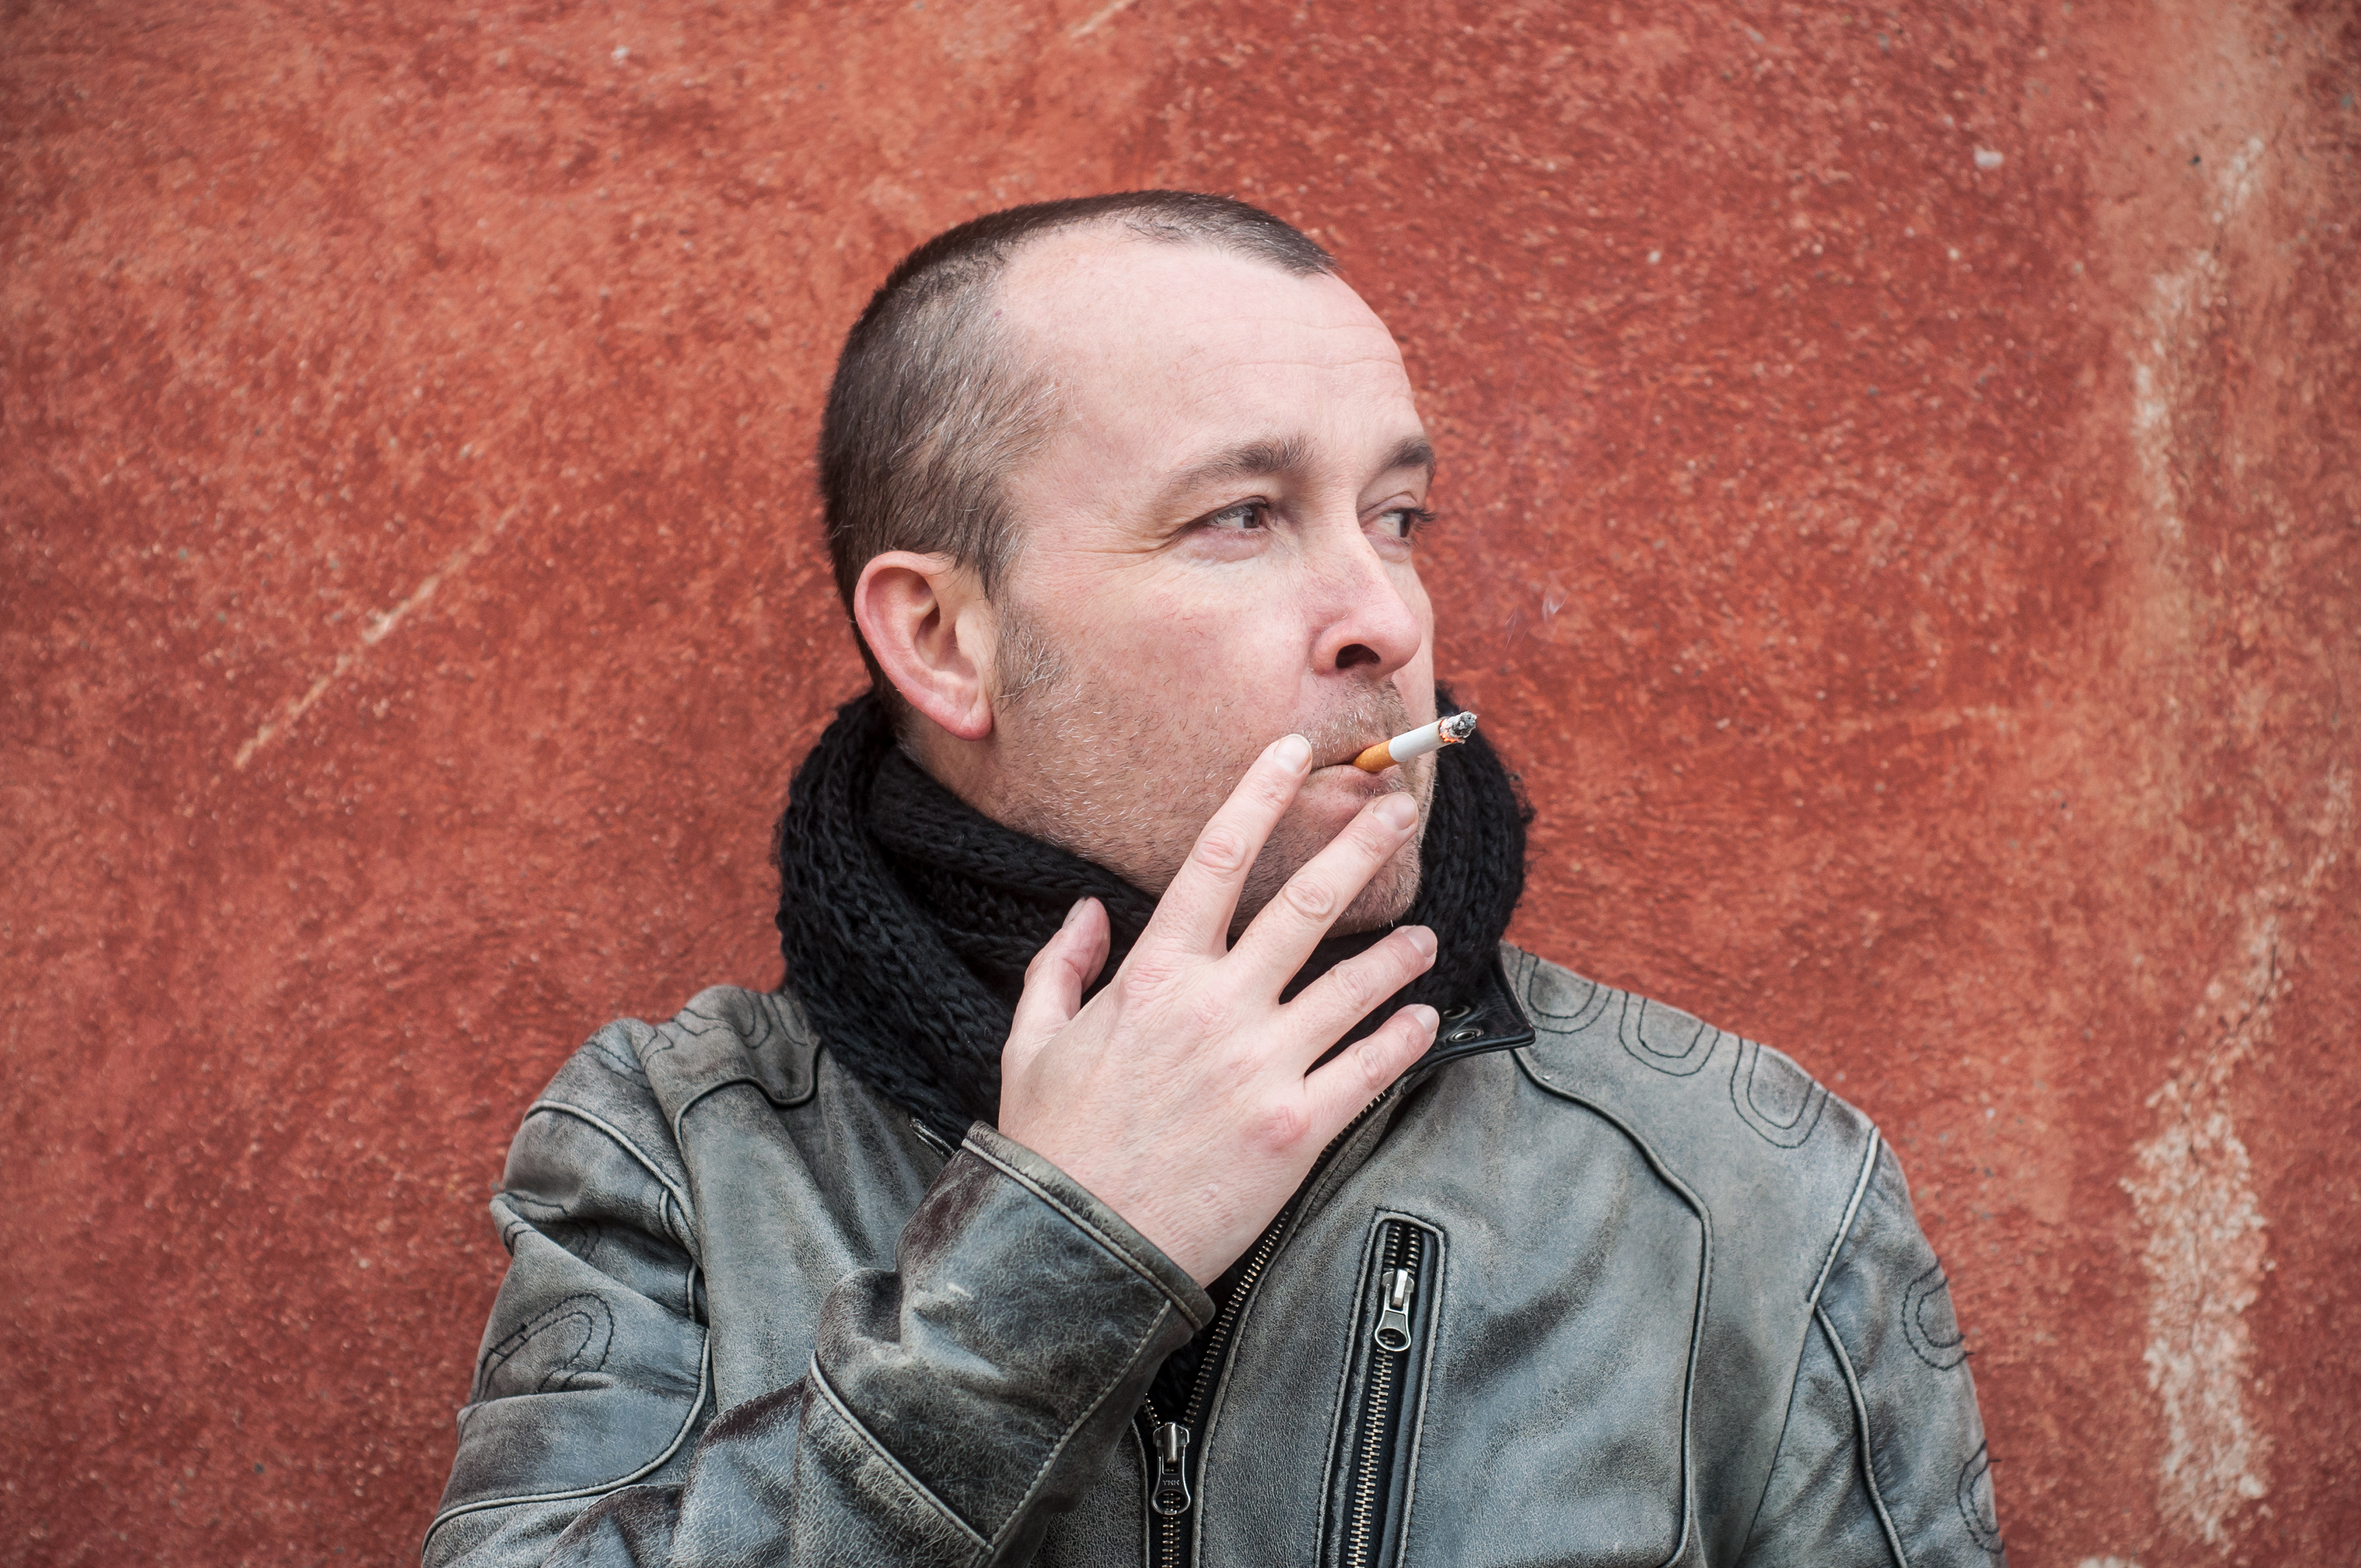 bad habits man smoking